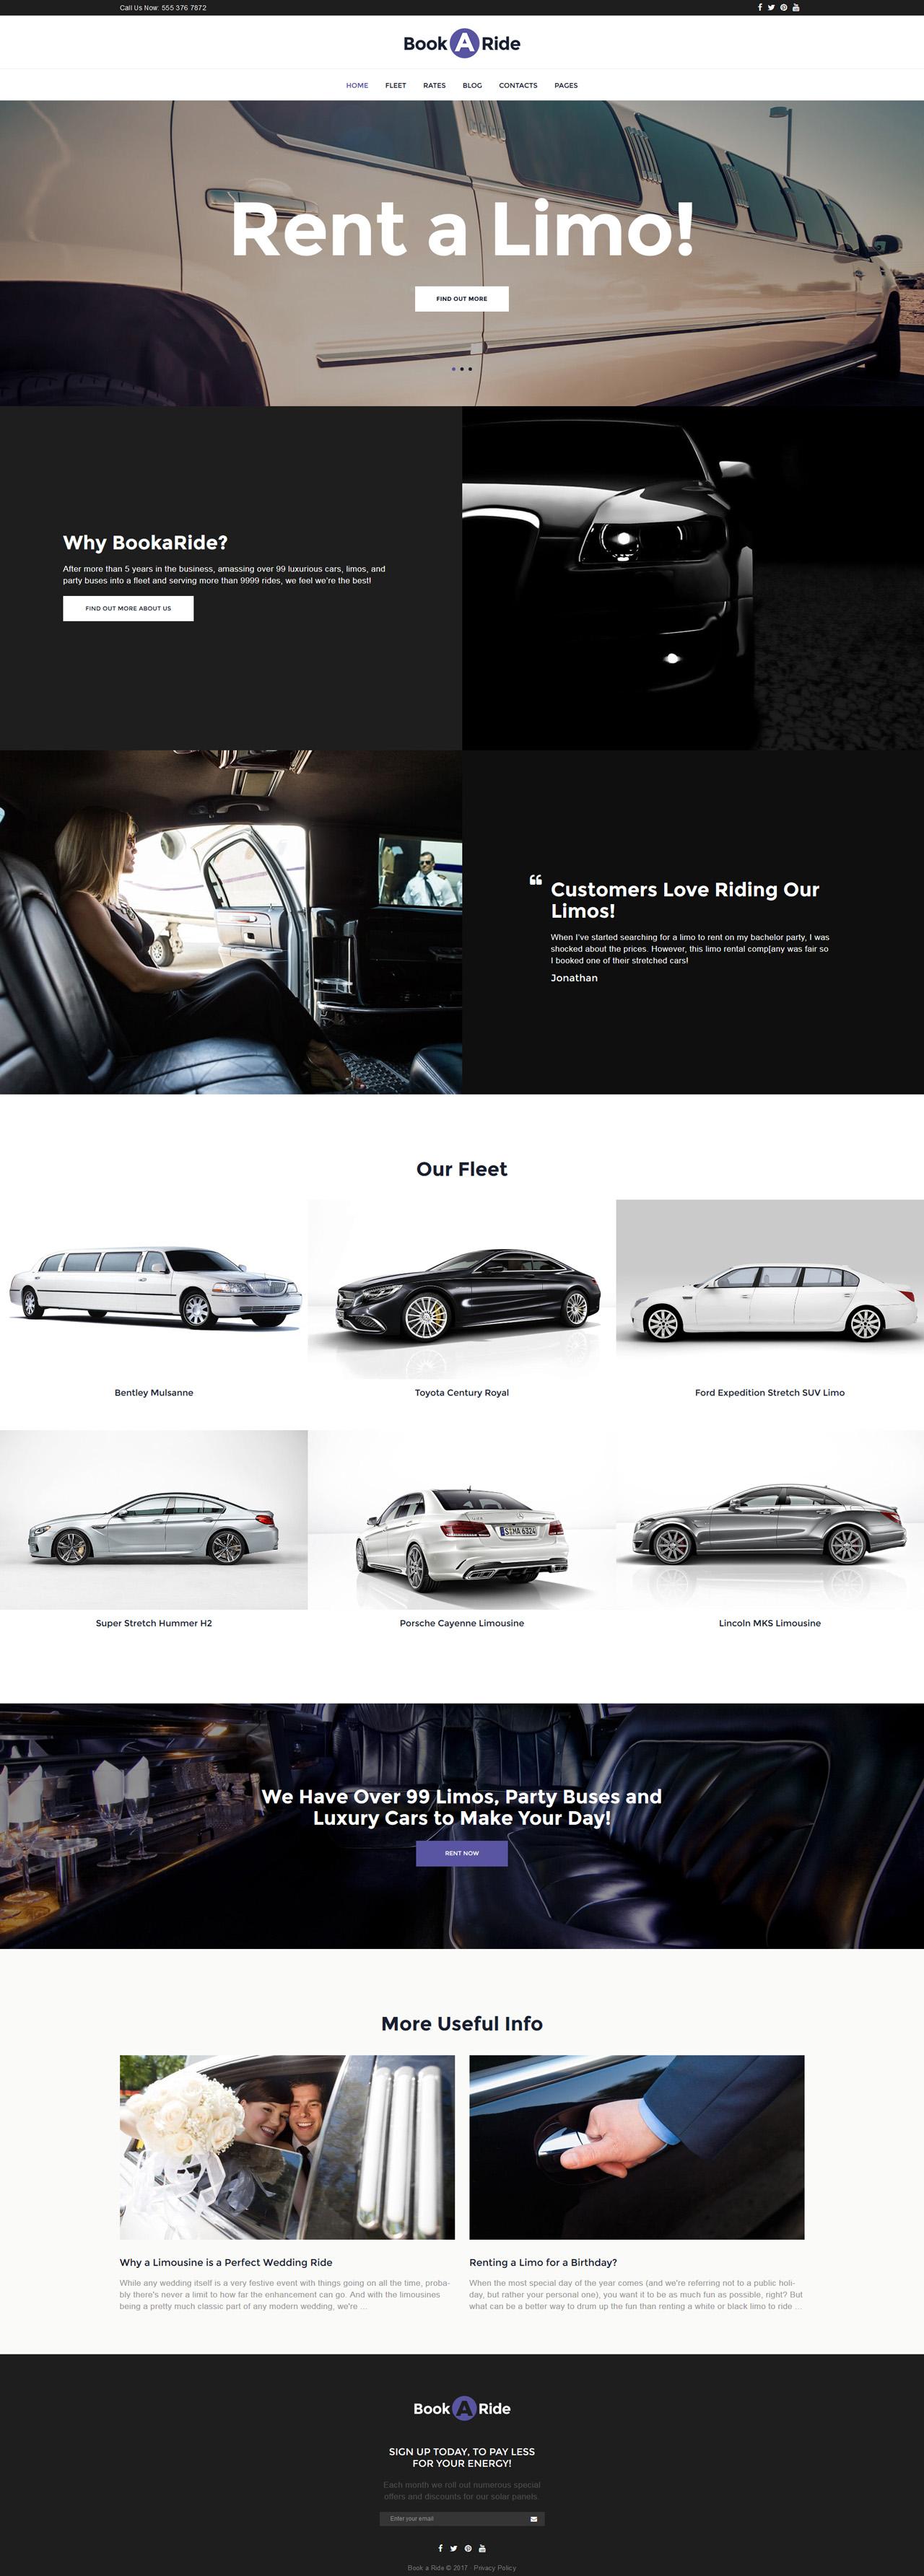 szablon-wordpress-59034-na-temat-limuzyna-uslugi